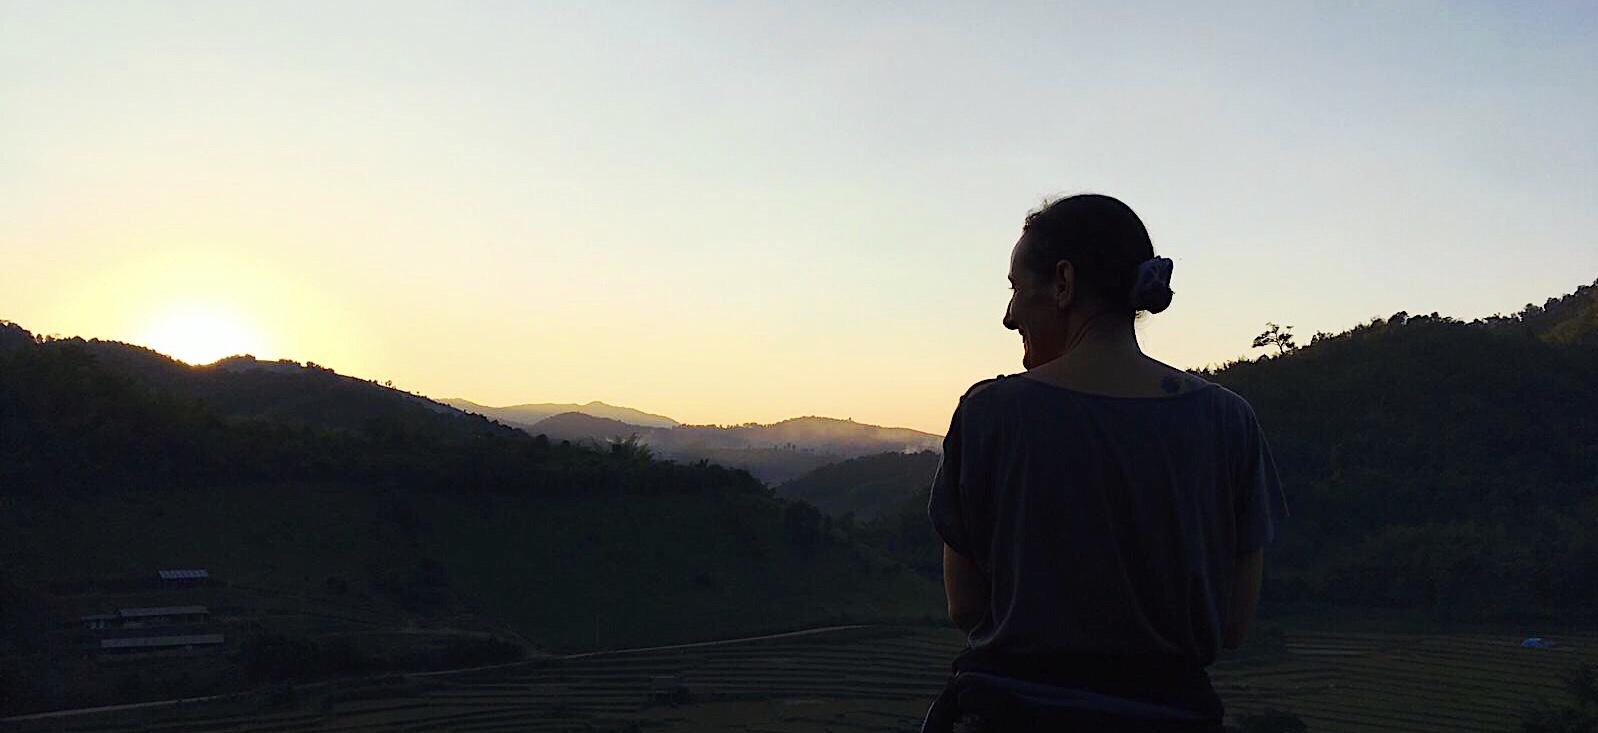 Coucher de soleil dans les montagnes du nord de la Thaïlande- Province de Chiang Rai